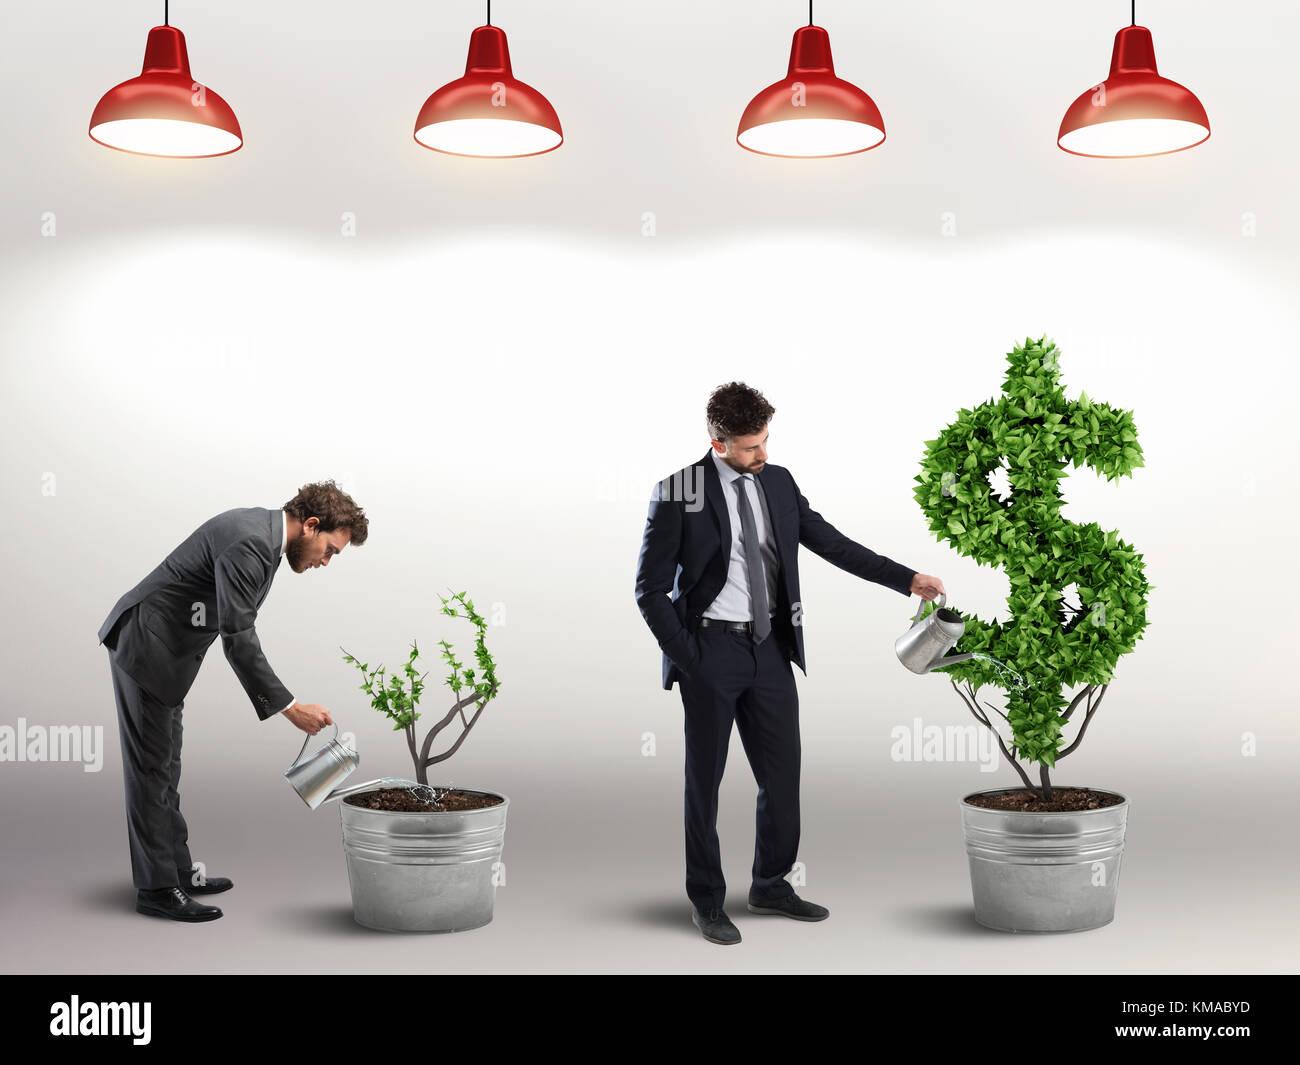 La ambición y la habilidad de un empresario. 3D rendering Imagen De Stock